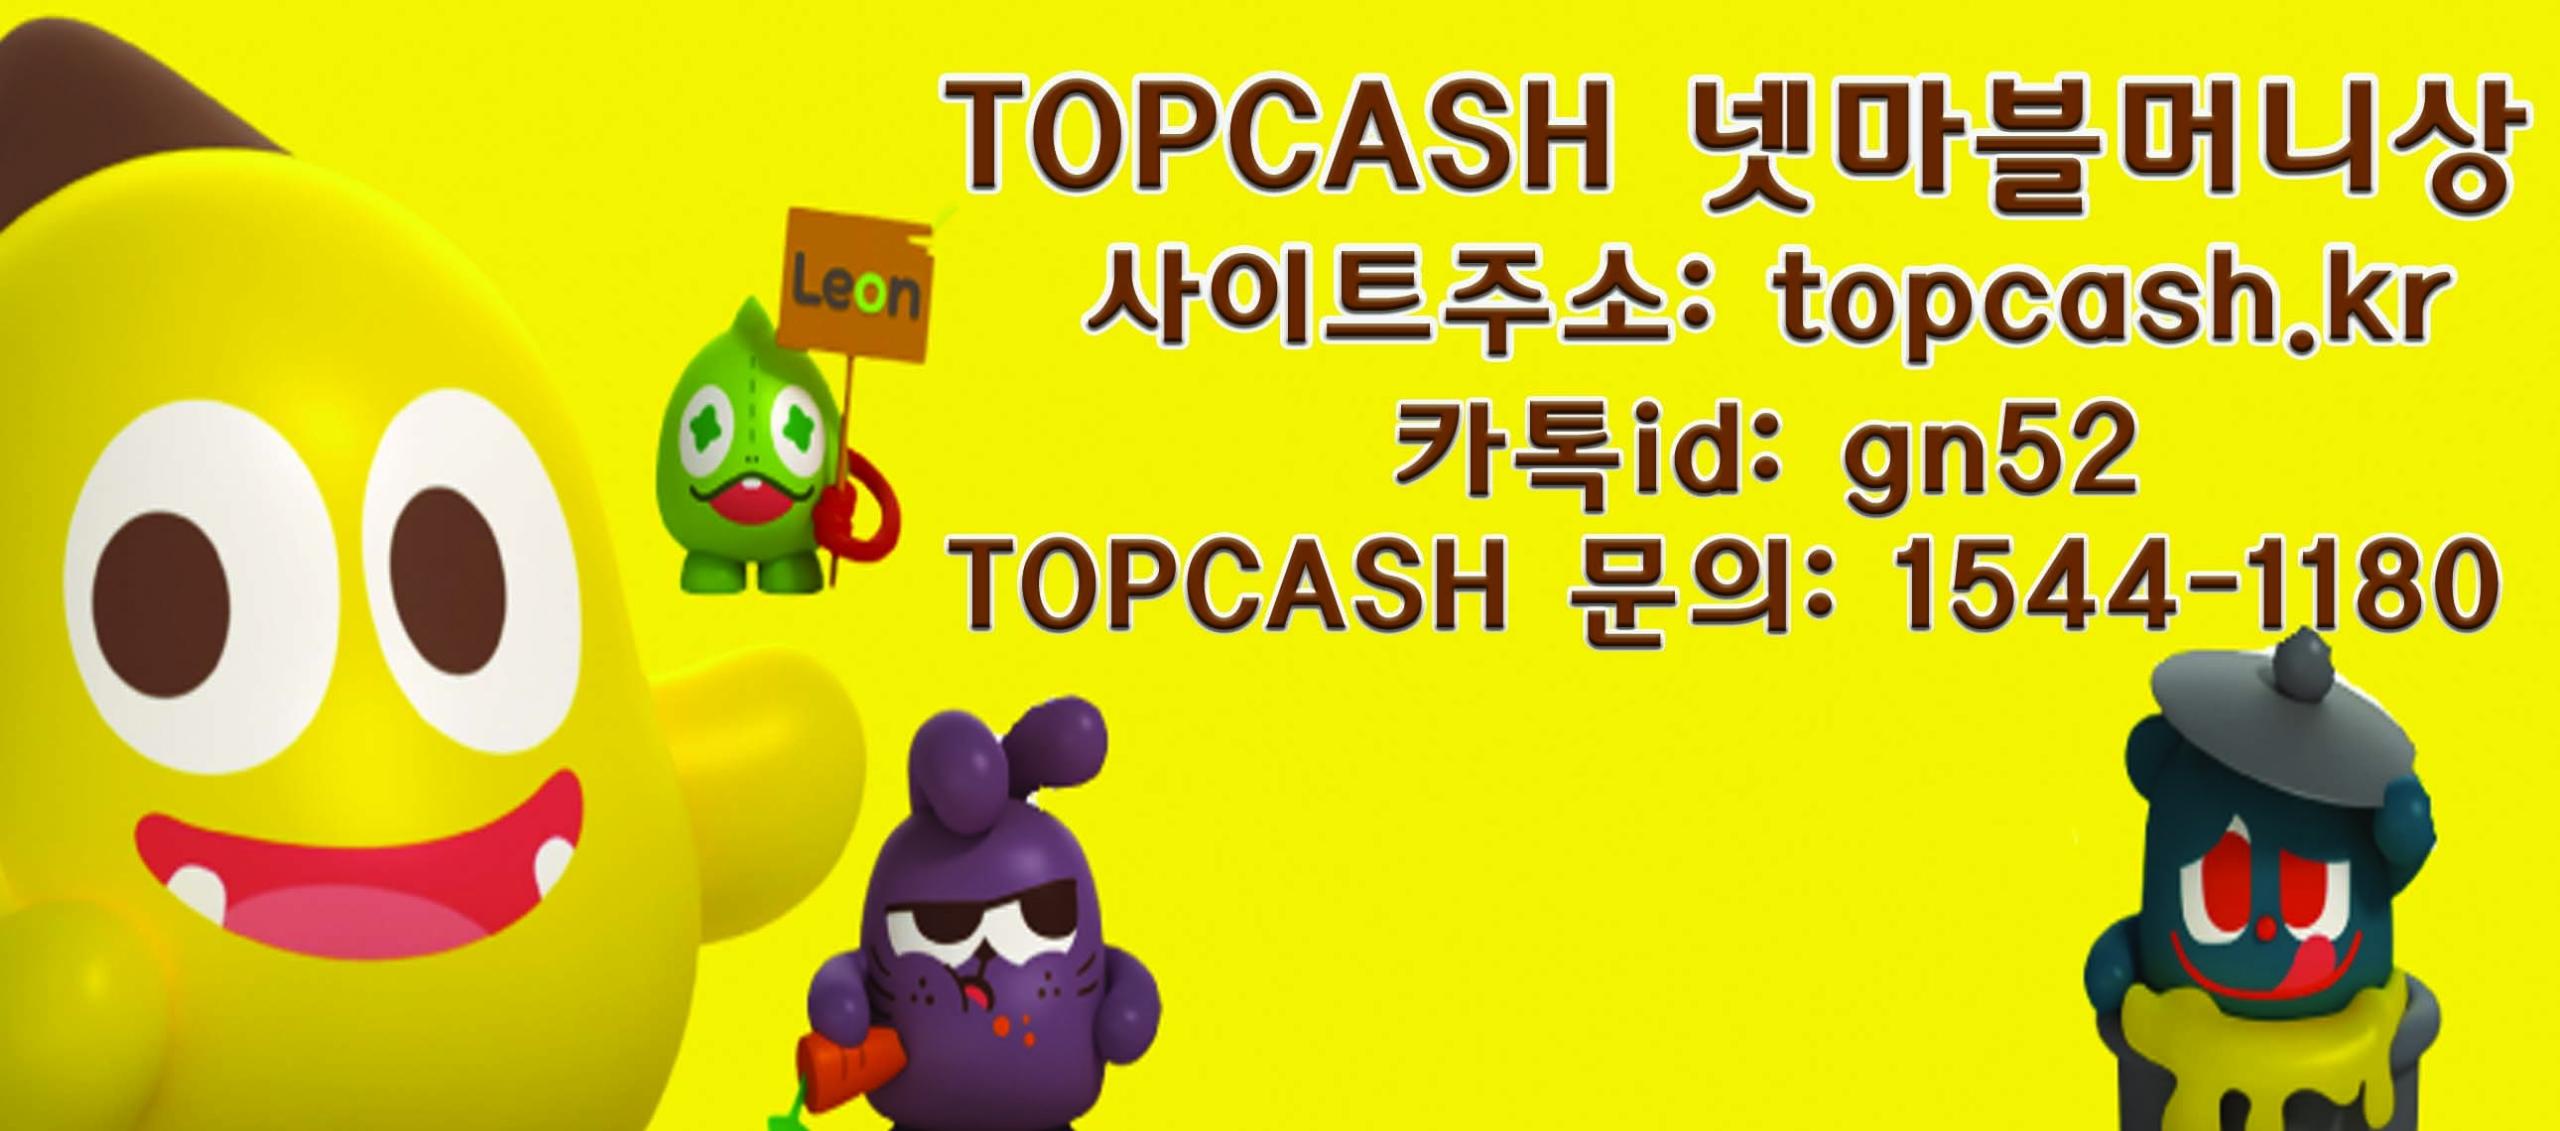 넷마블M상 TOPCASH닷kr (@sptakqmf17) Cover Image